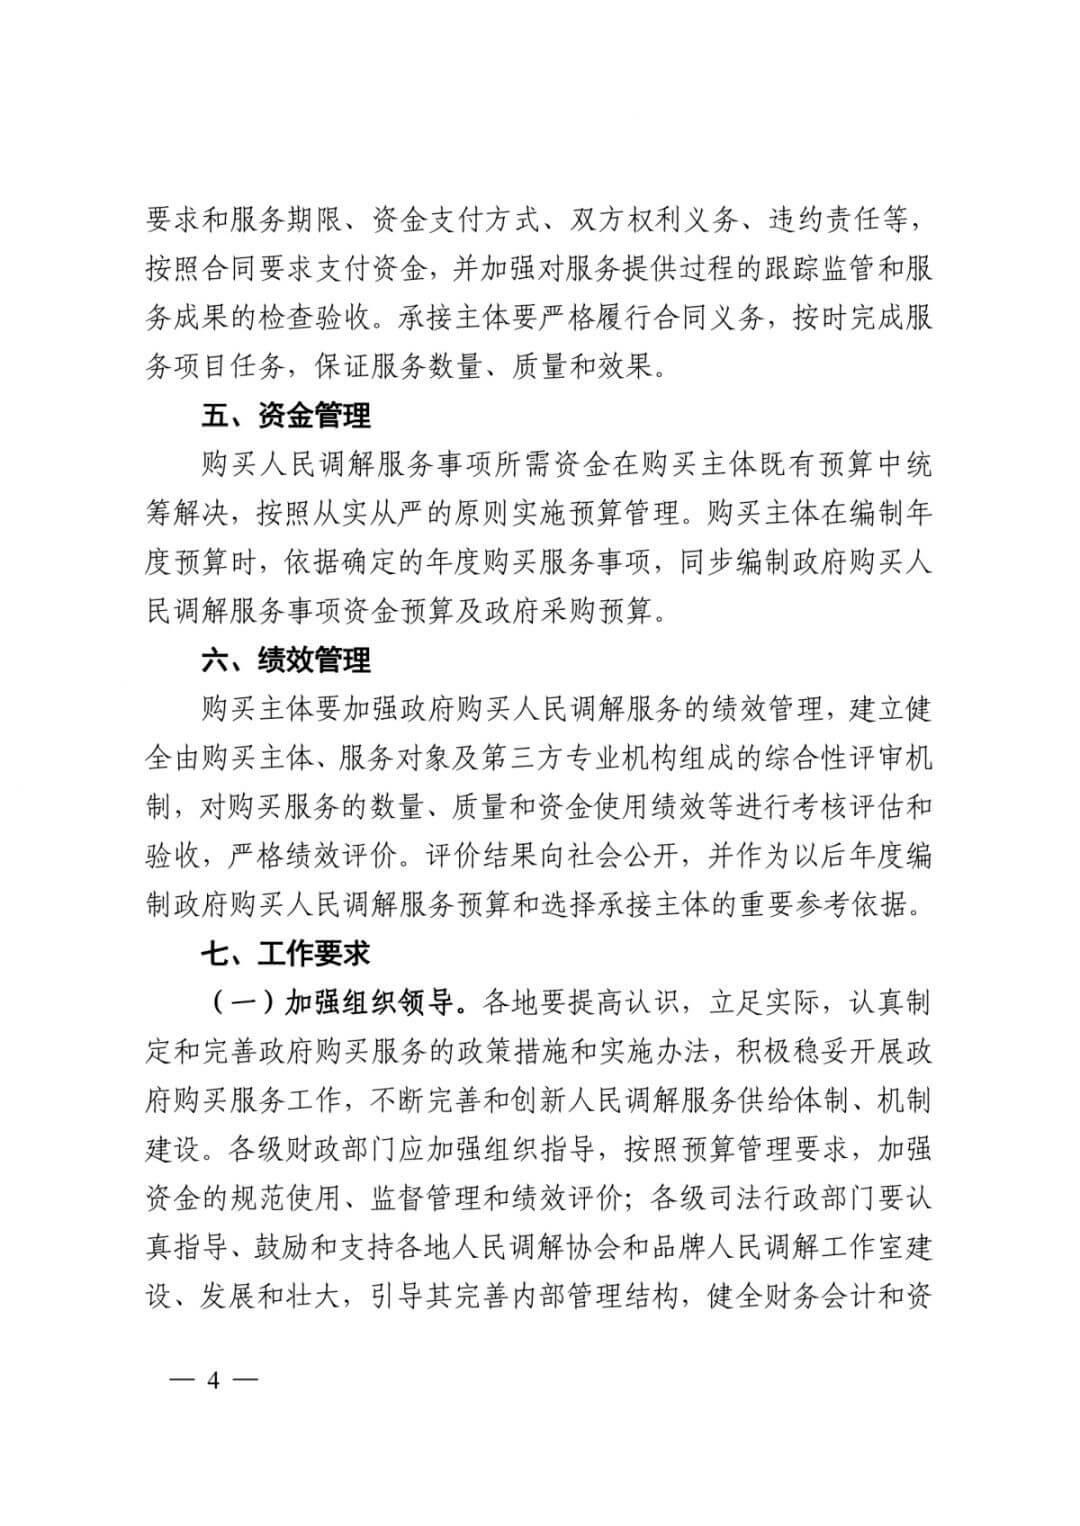 浙江出台政府购买人民调解服务的指导意见